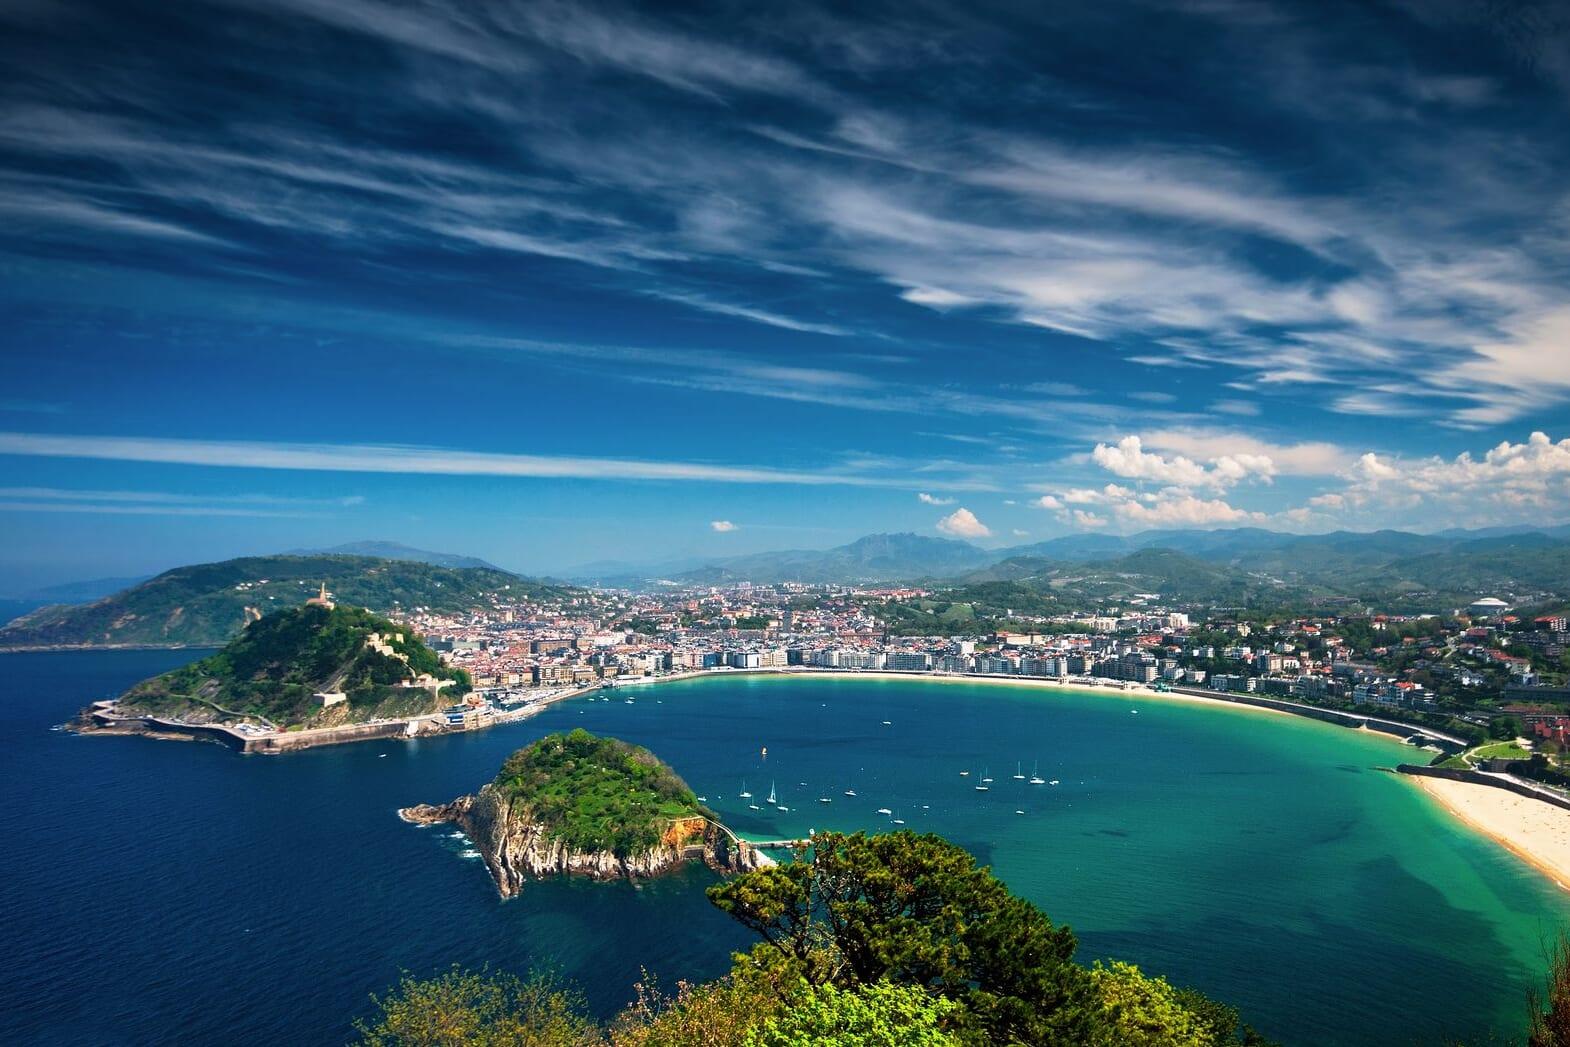 北スペインの観光スポットであるバスクのサン・セバスチャン